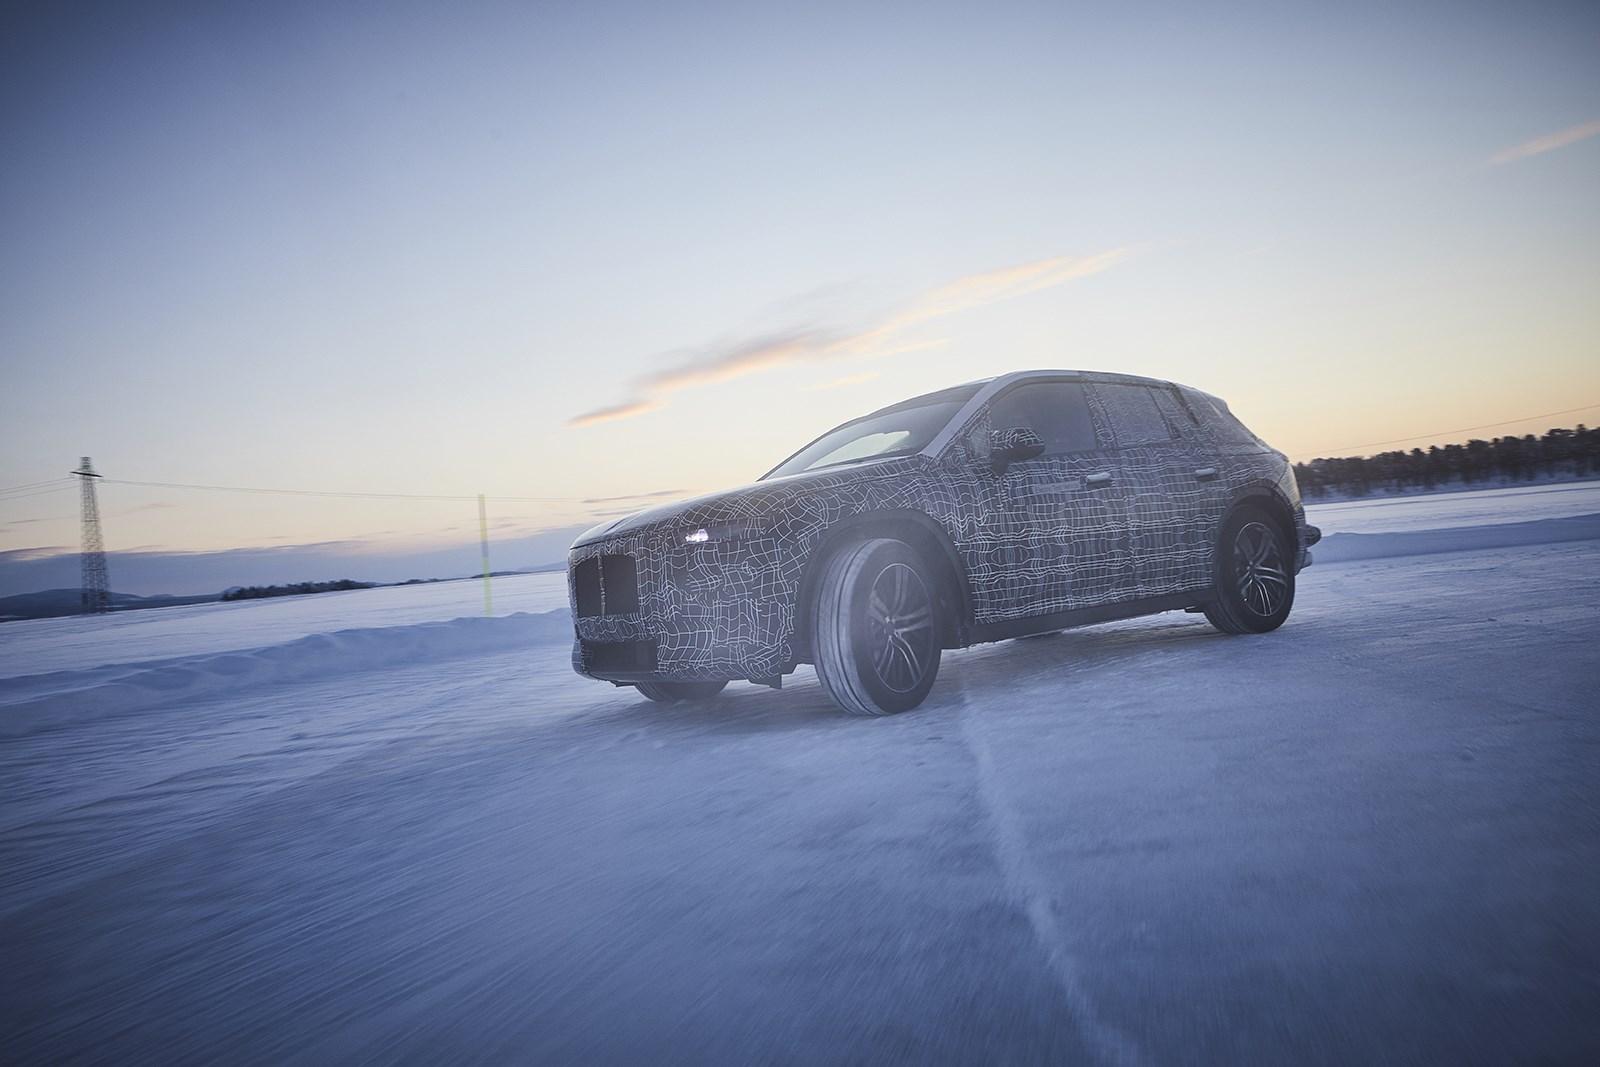 BMWの大型電動駆動SUVの開発は順調に進んでいる模様